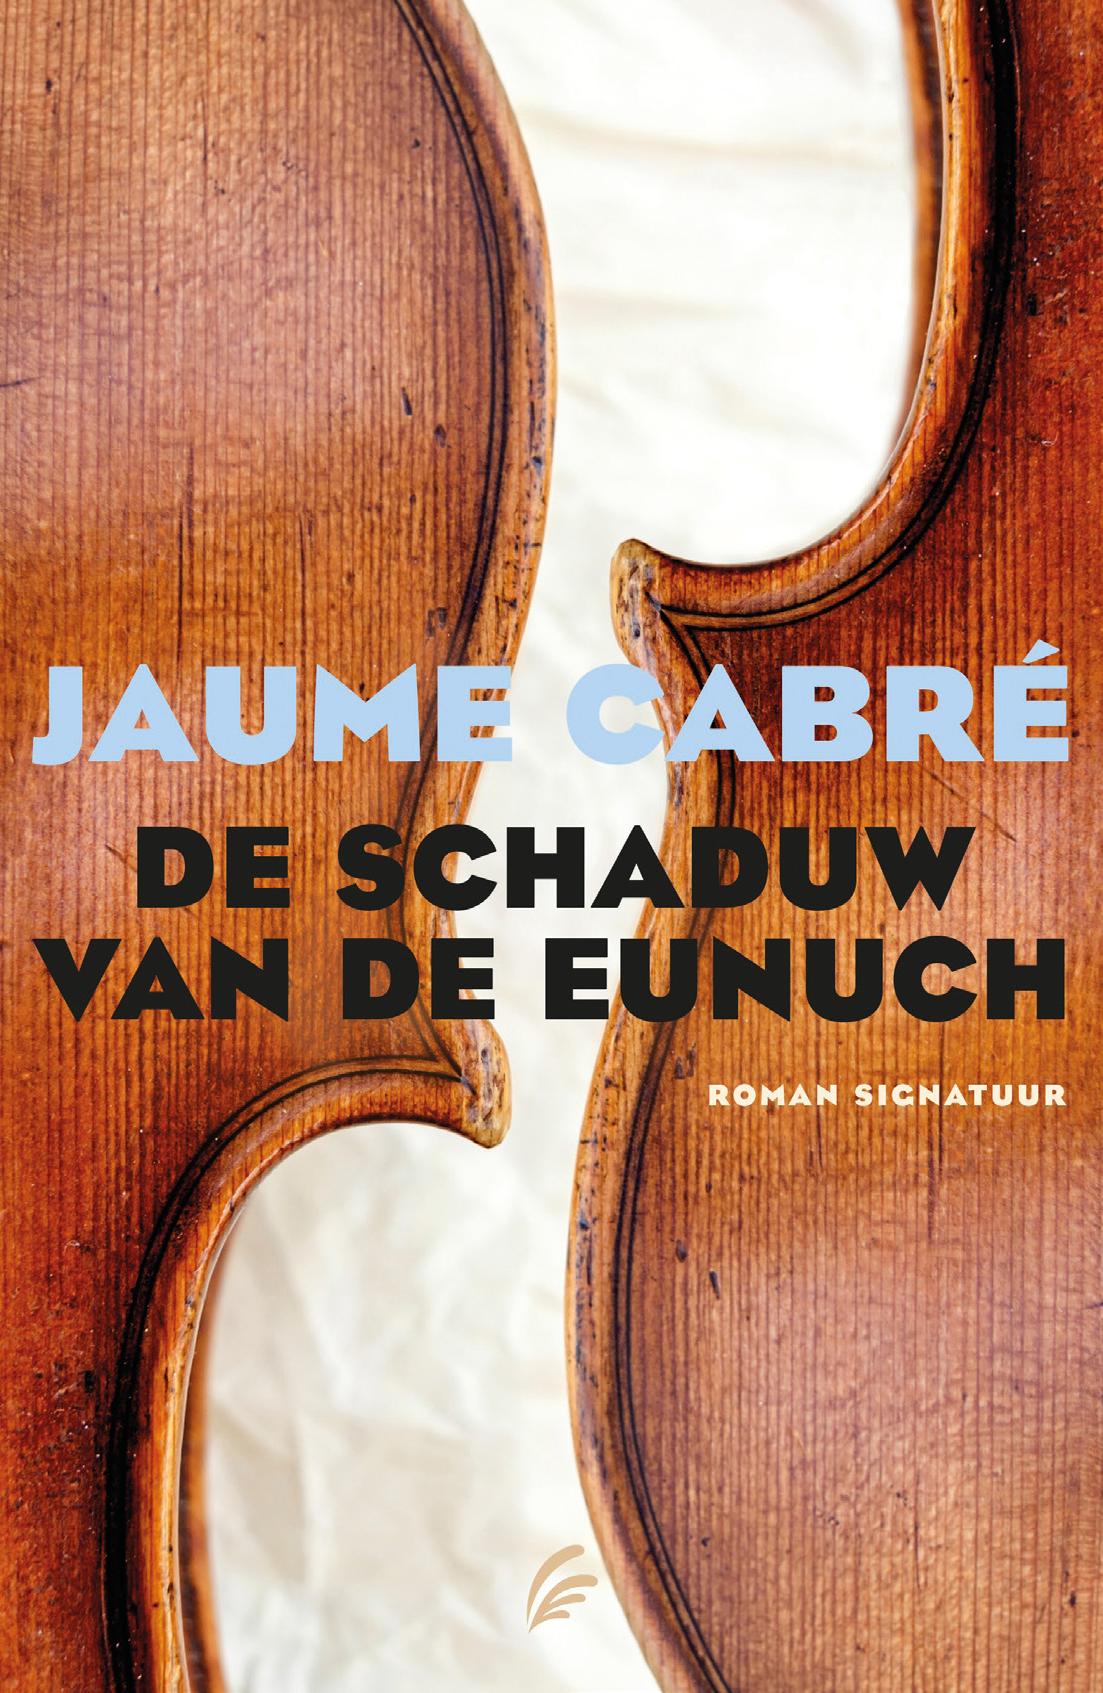 De schaduw van de eunuch – Jaume Cabre